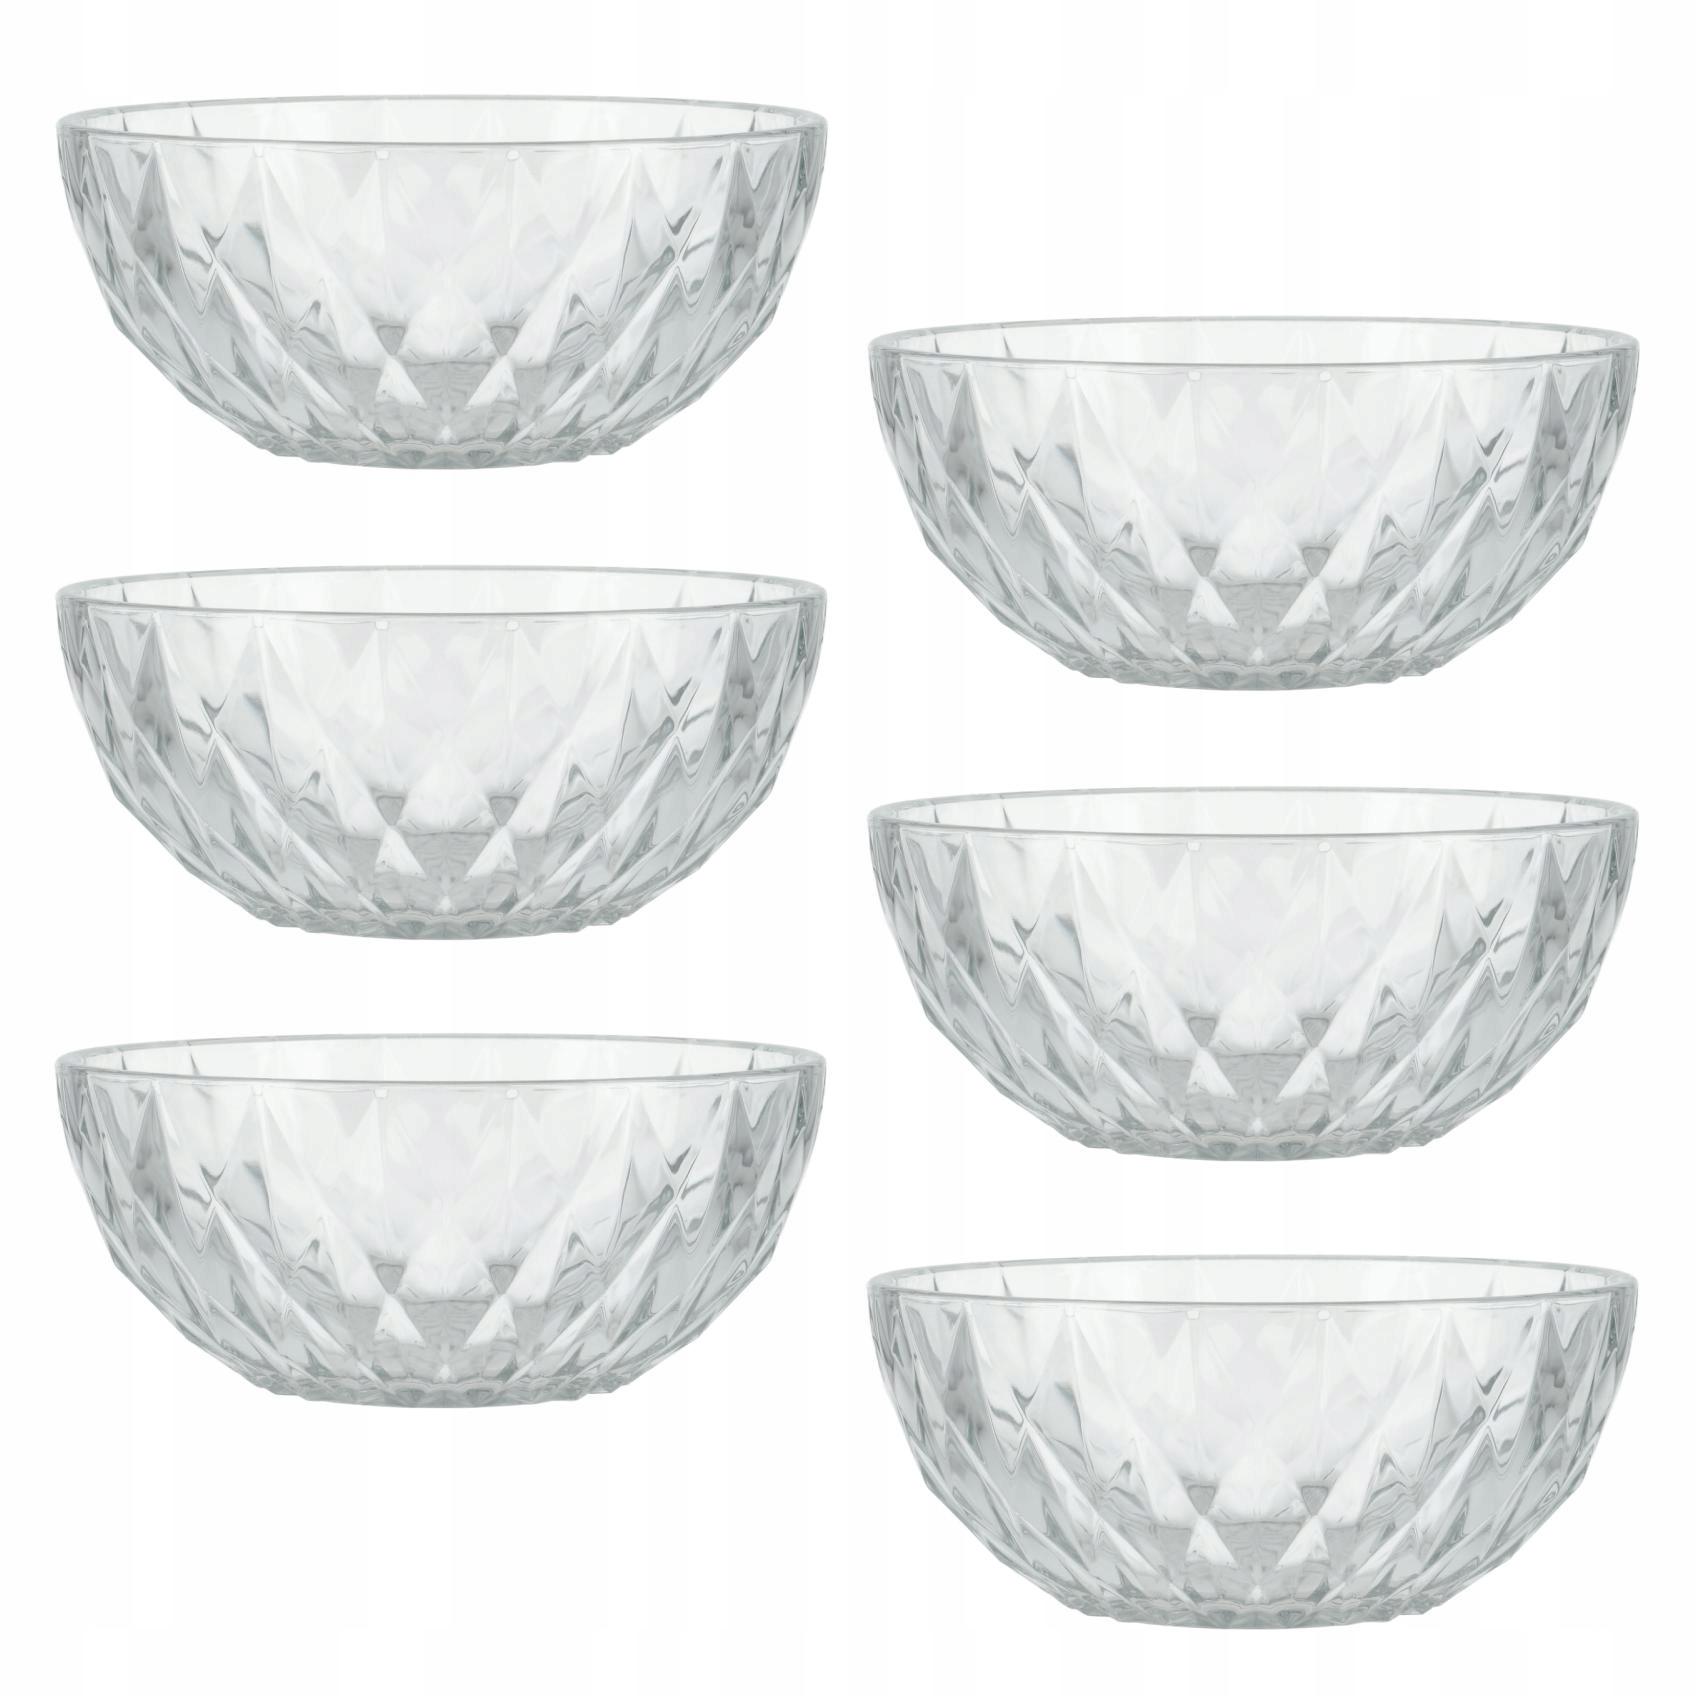 Komplet miseczek salaterek szklanych zestaw 6 szt.